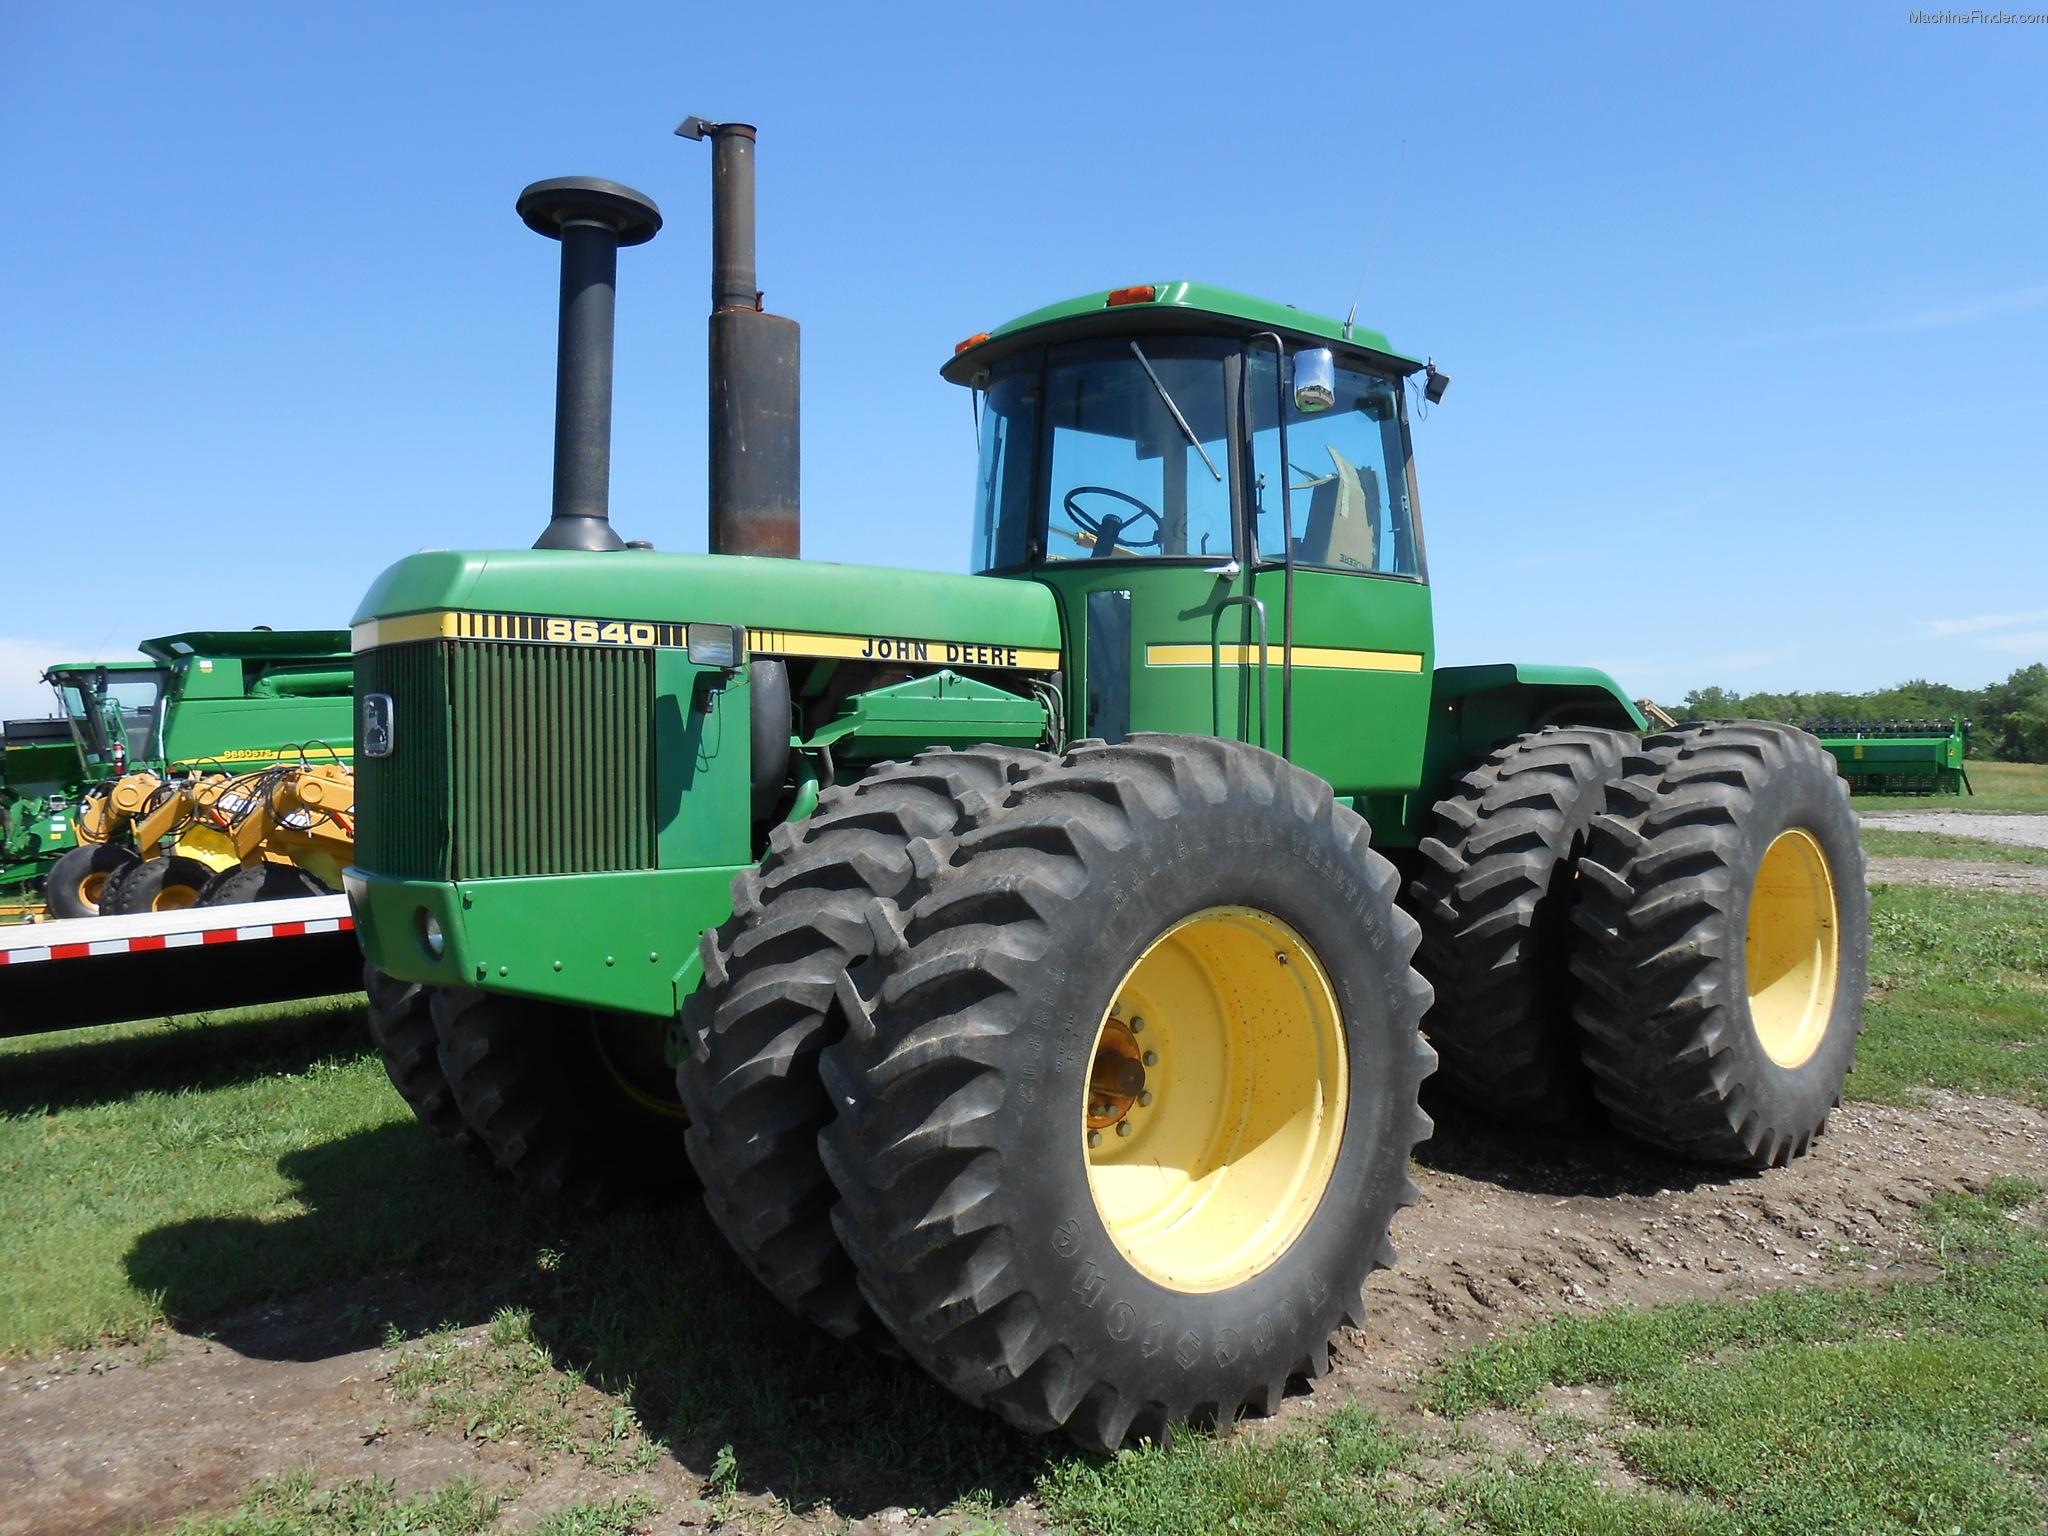 John Deere 8640 Tractor - Bing images